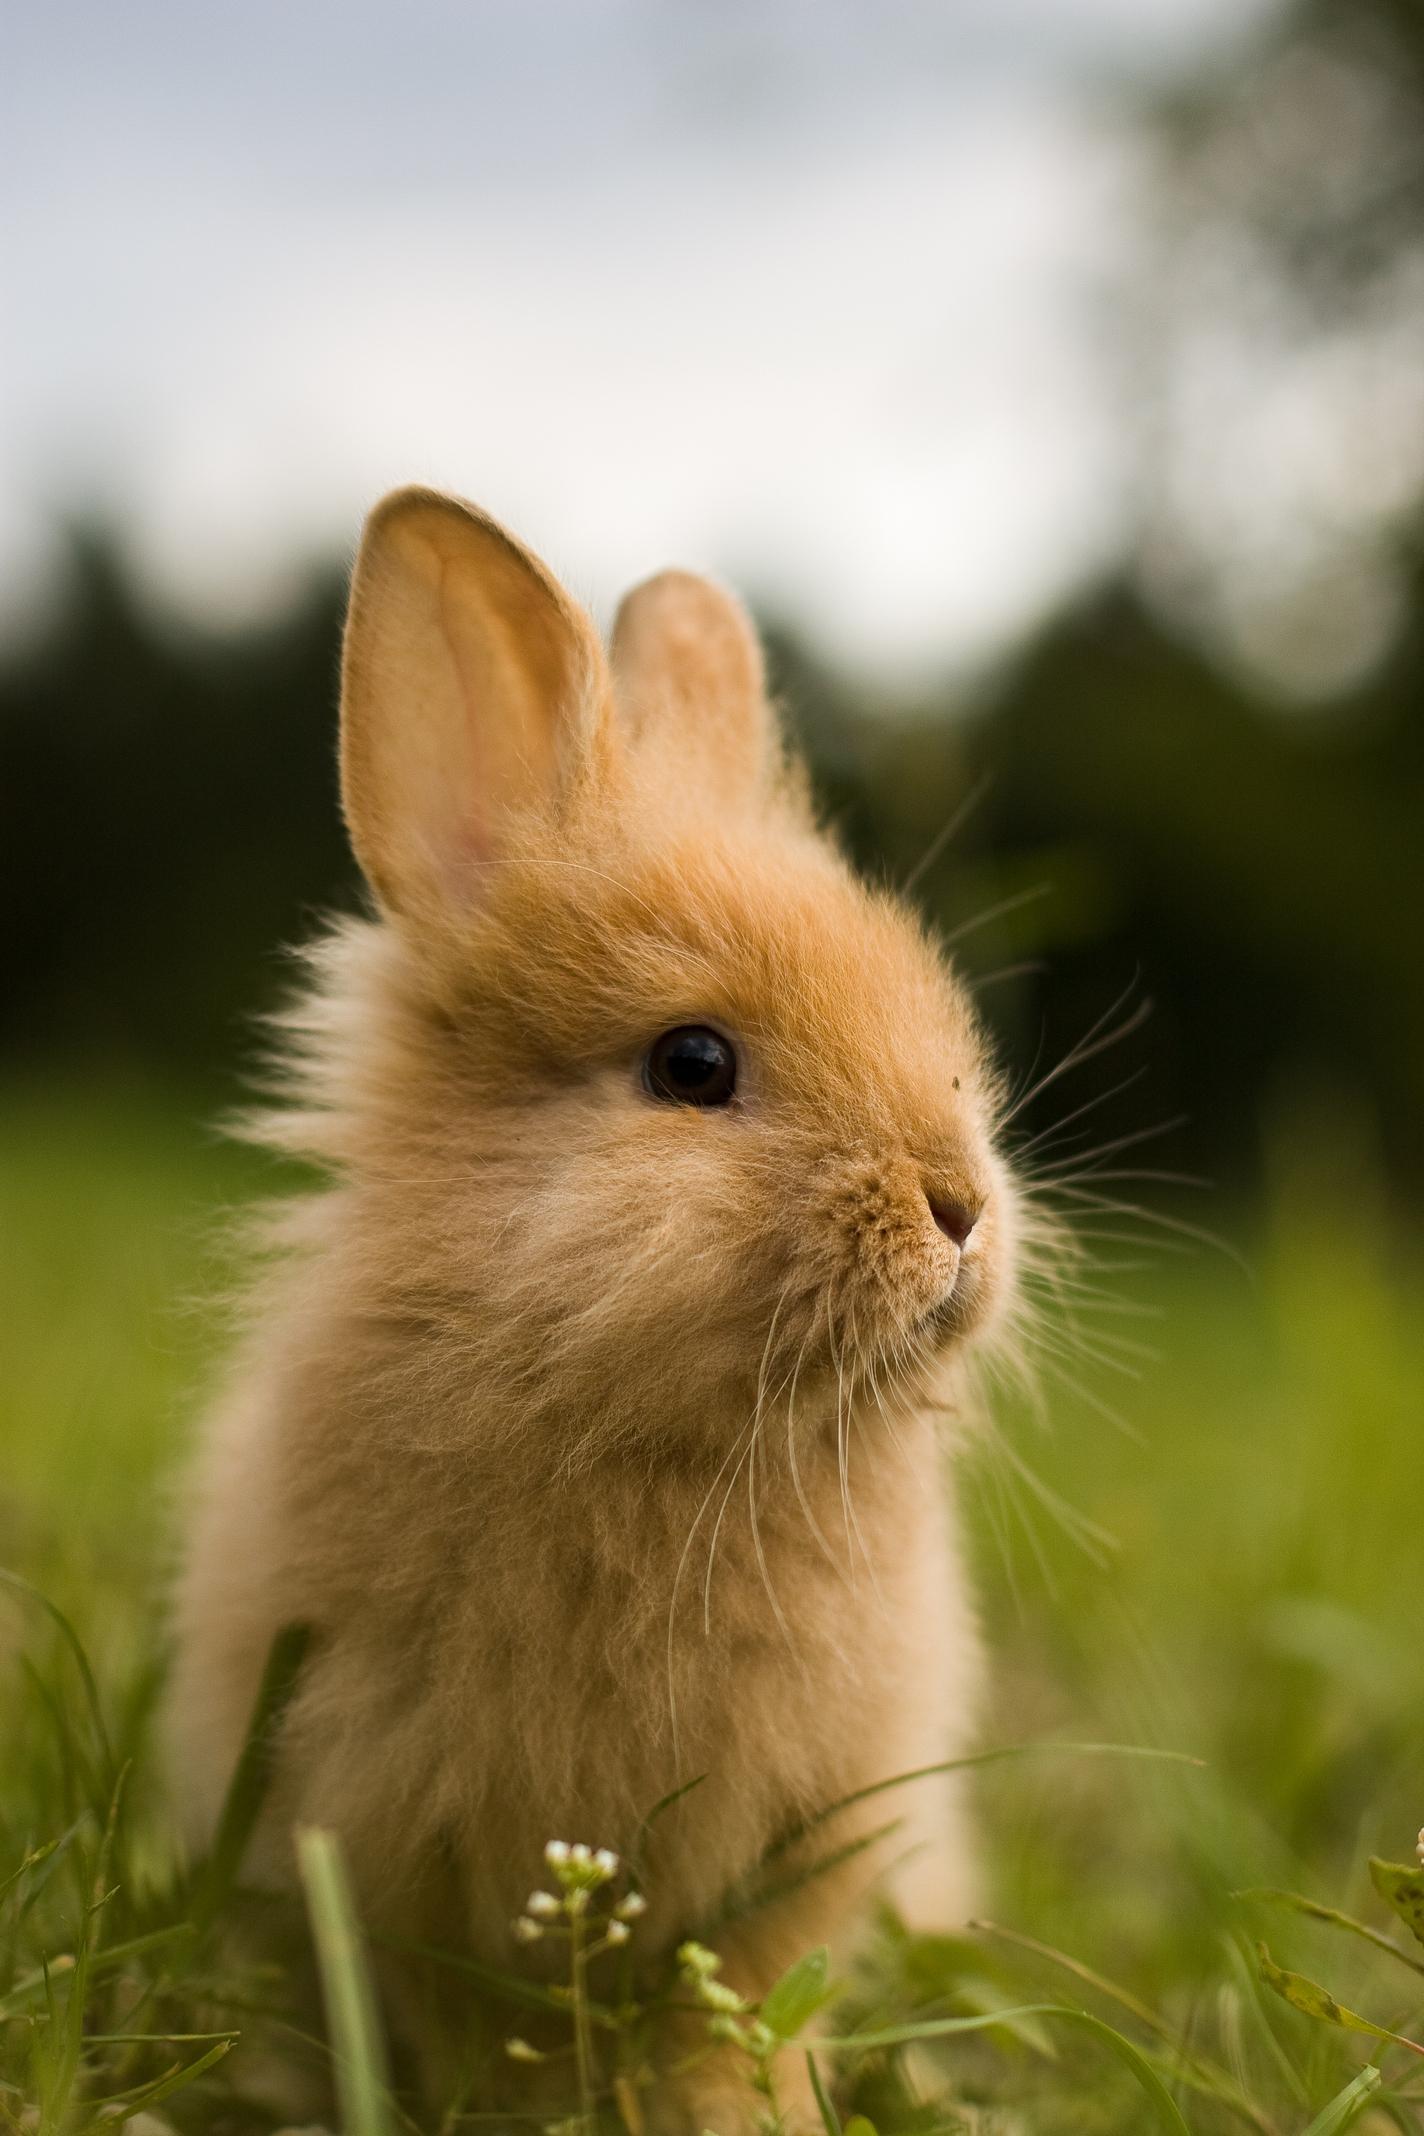 rabbit bunny mammal cute ear animal rodent pet fur